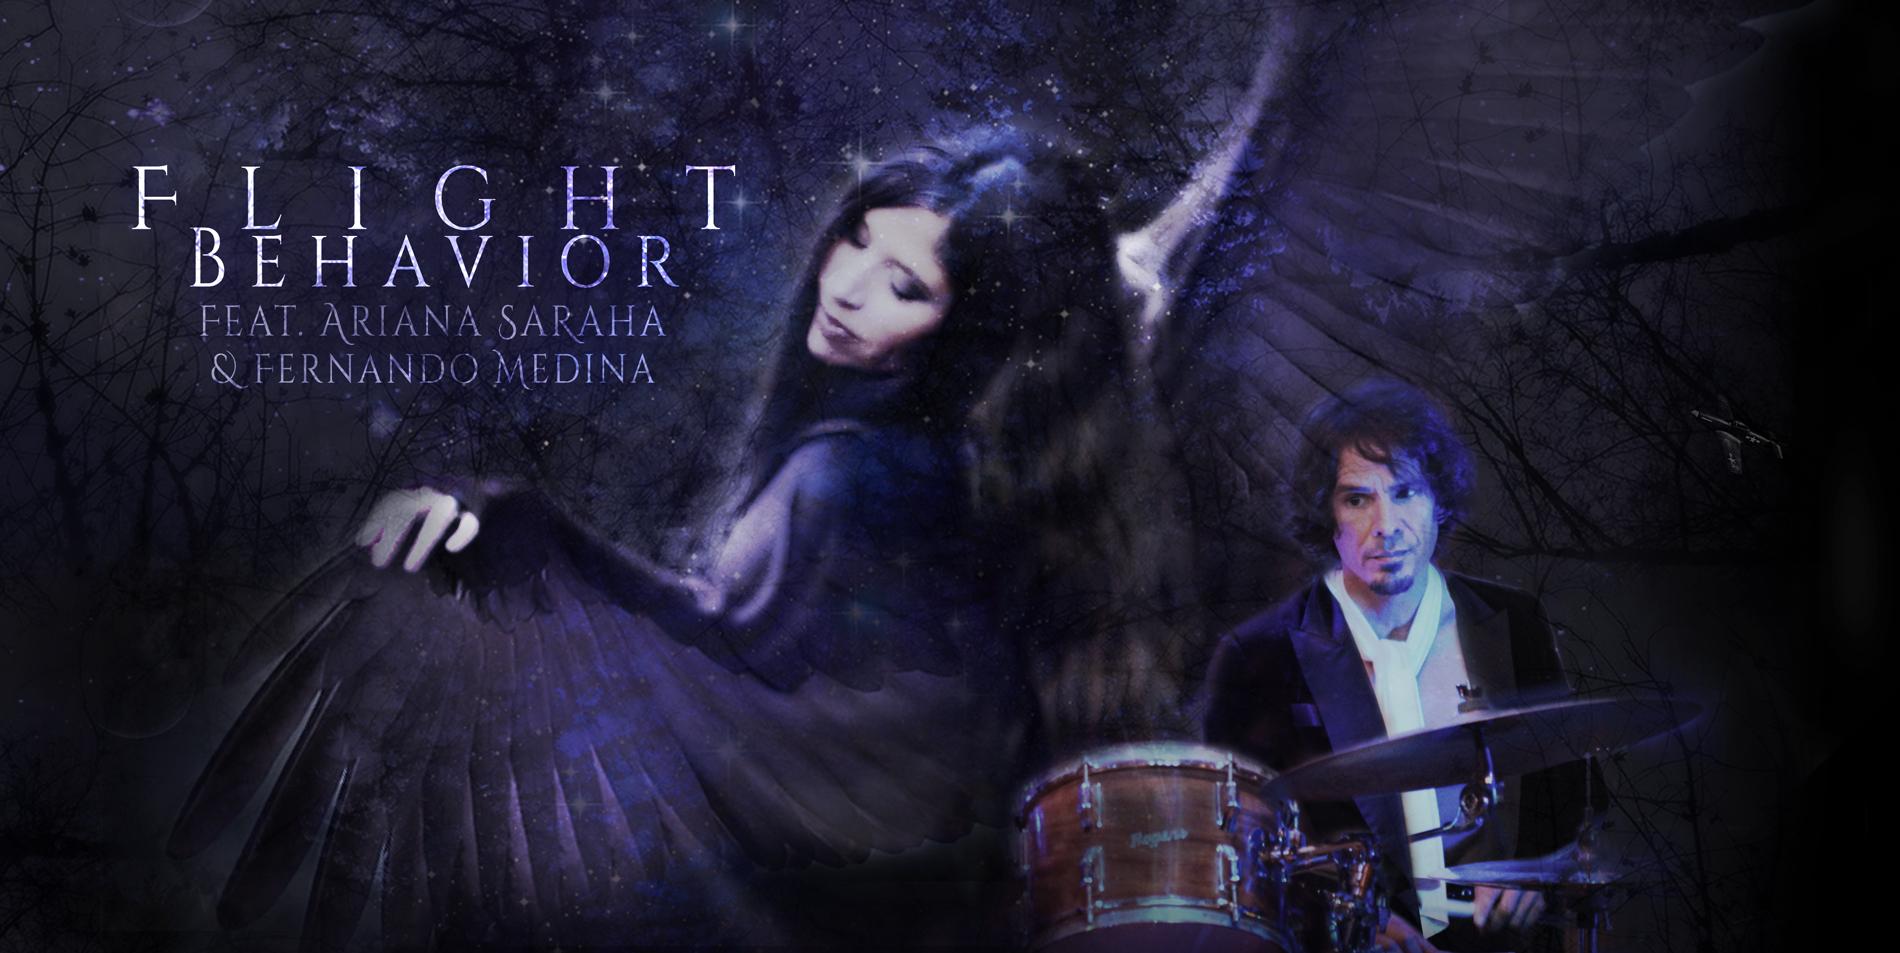 FlightBehavior-ArianaSaraha-FernandoMedina-Banner.jpg